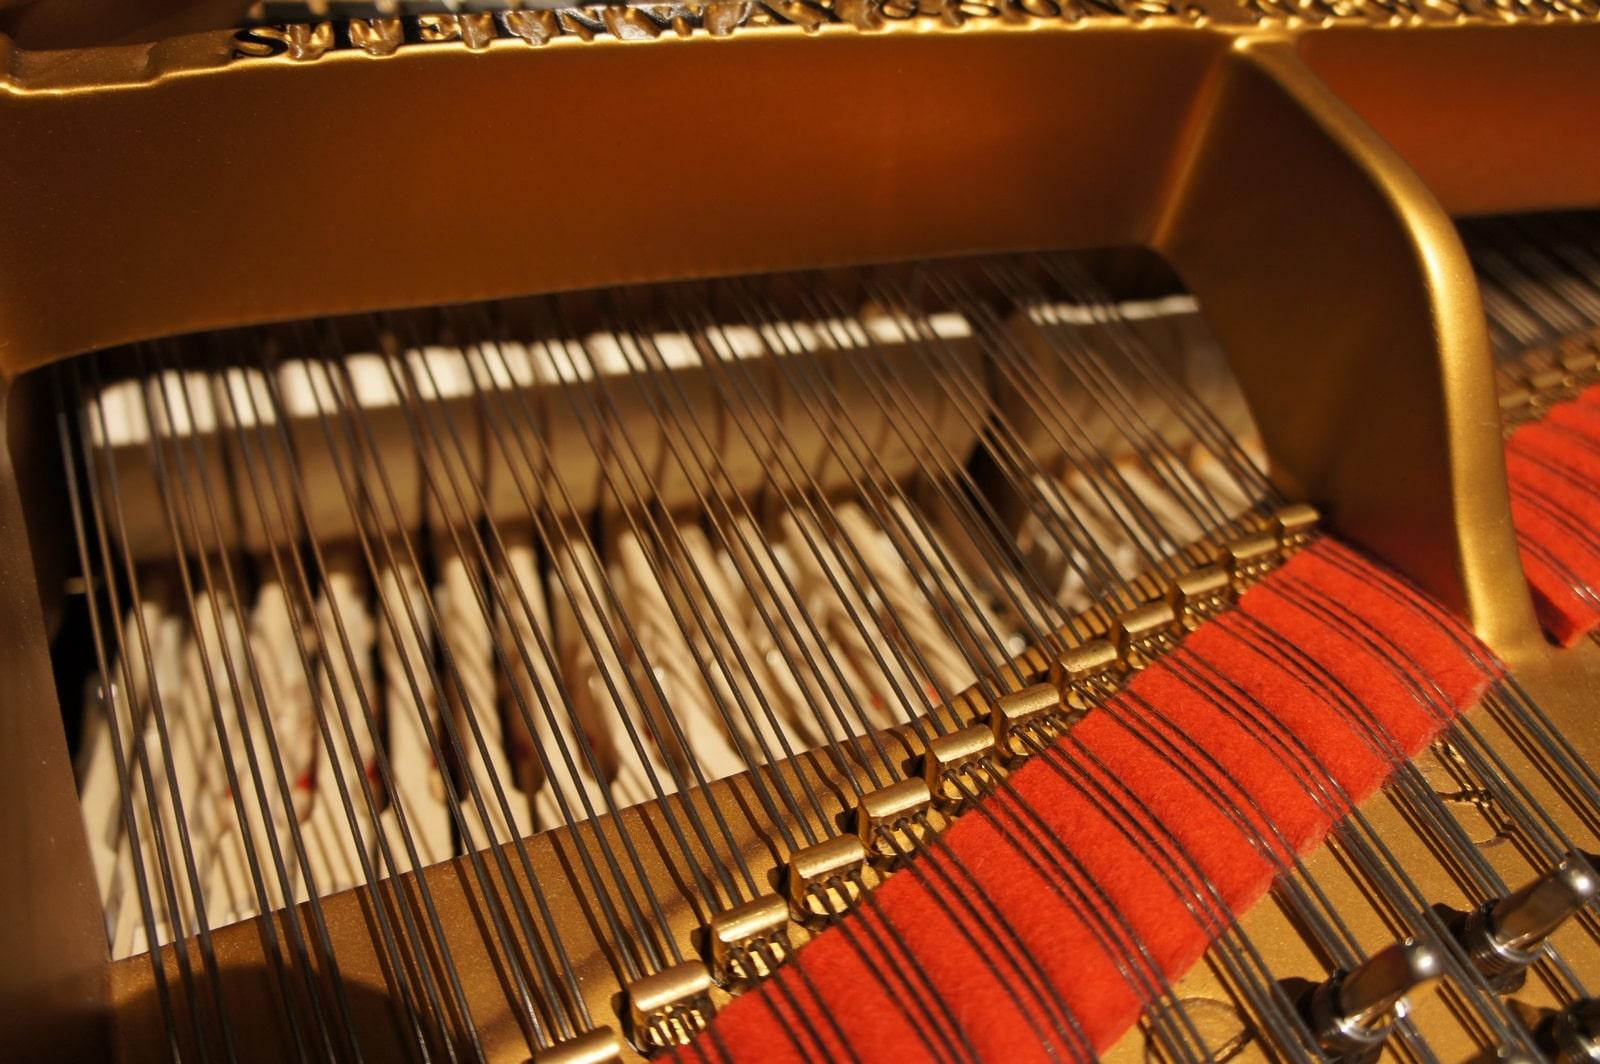 restauration de piano à queue